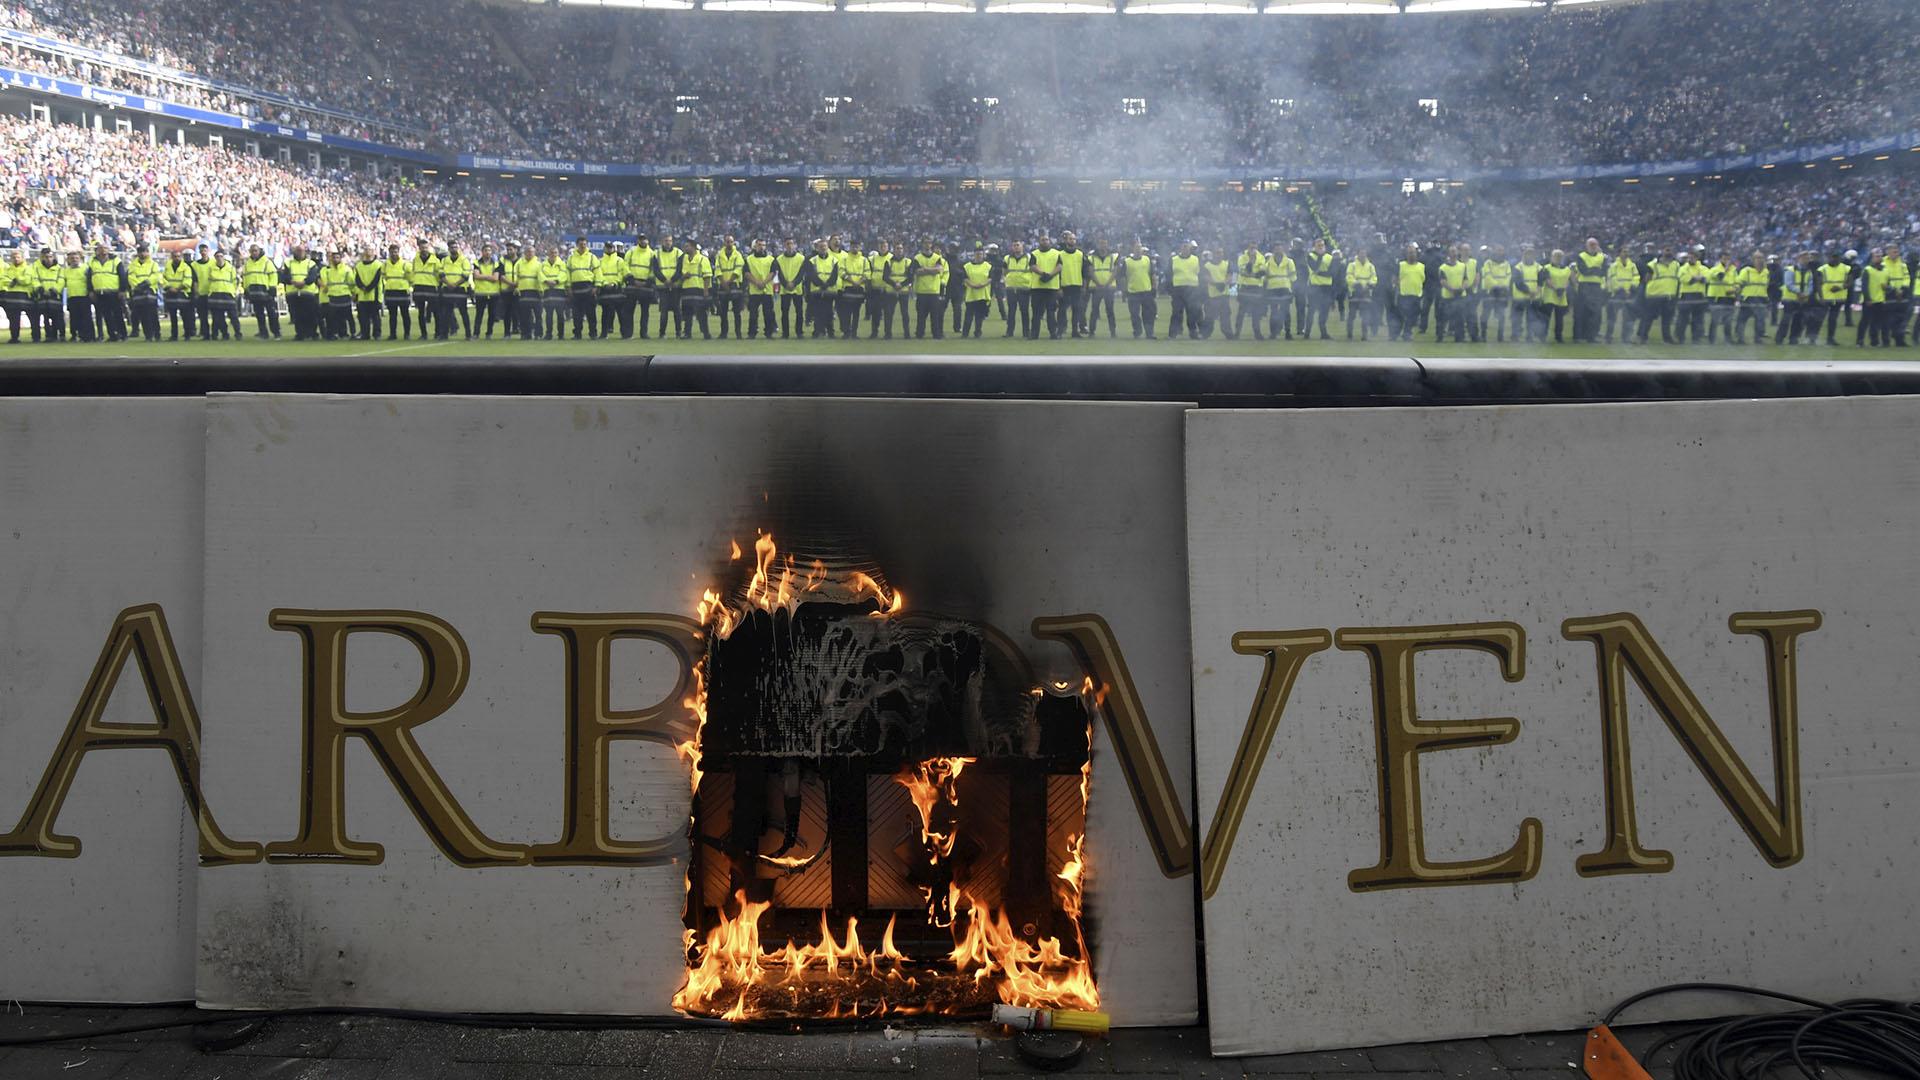 El cordón policial protegió a los jugadores de los incidentes. Nadie invadió el campo de juego (Reuters)